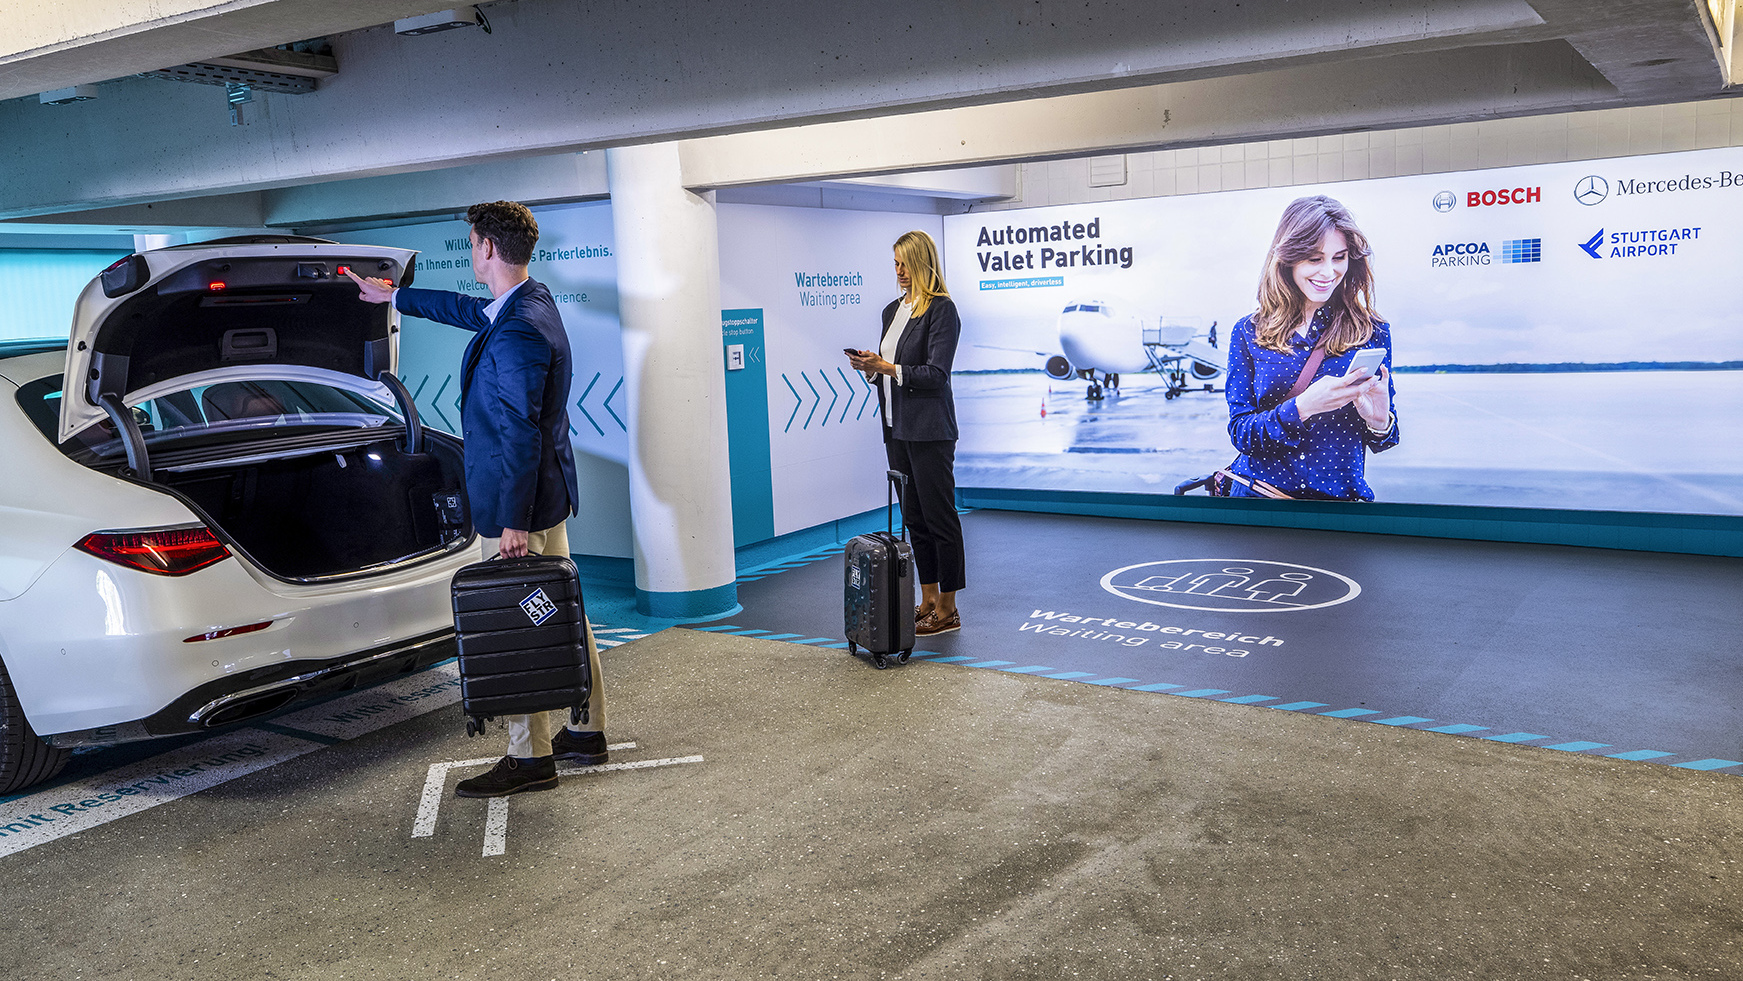 Na letiště ve Stuttgartu přichází plně automatické parkování bez řidiče